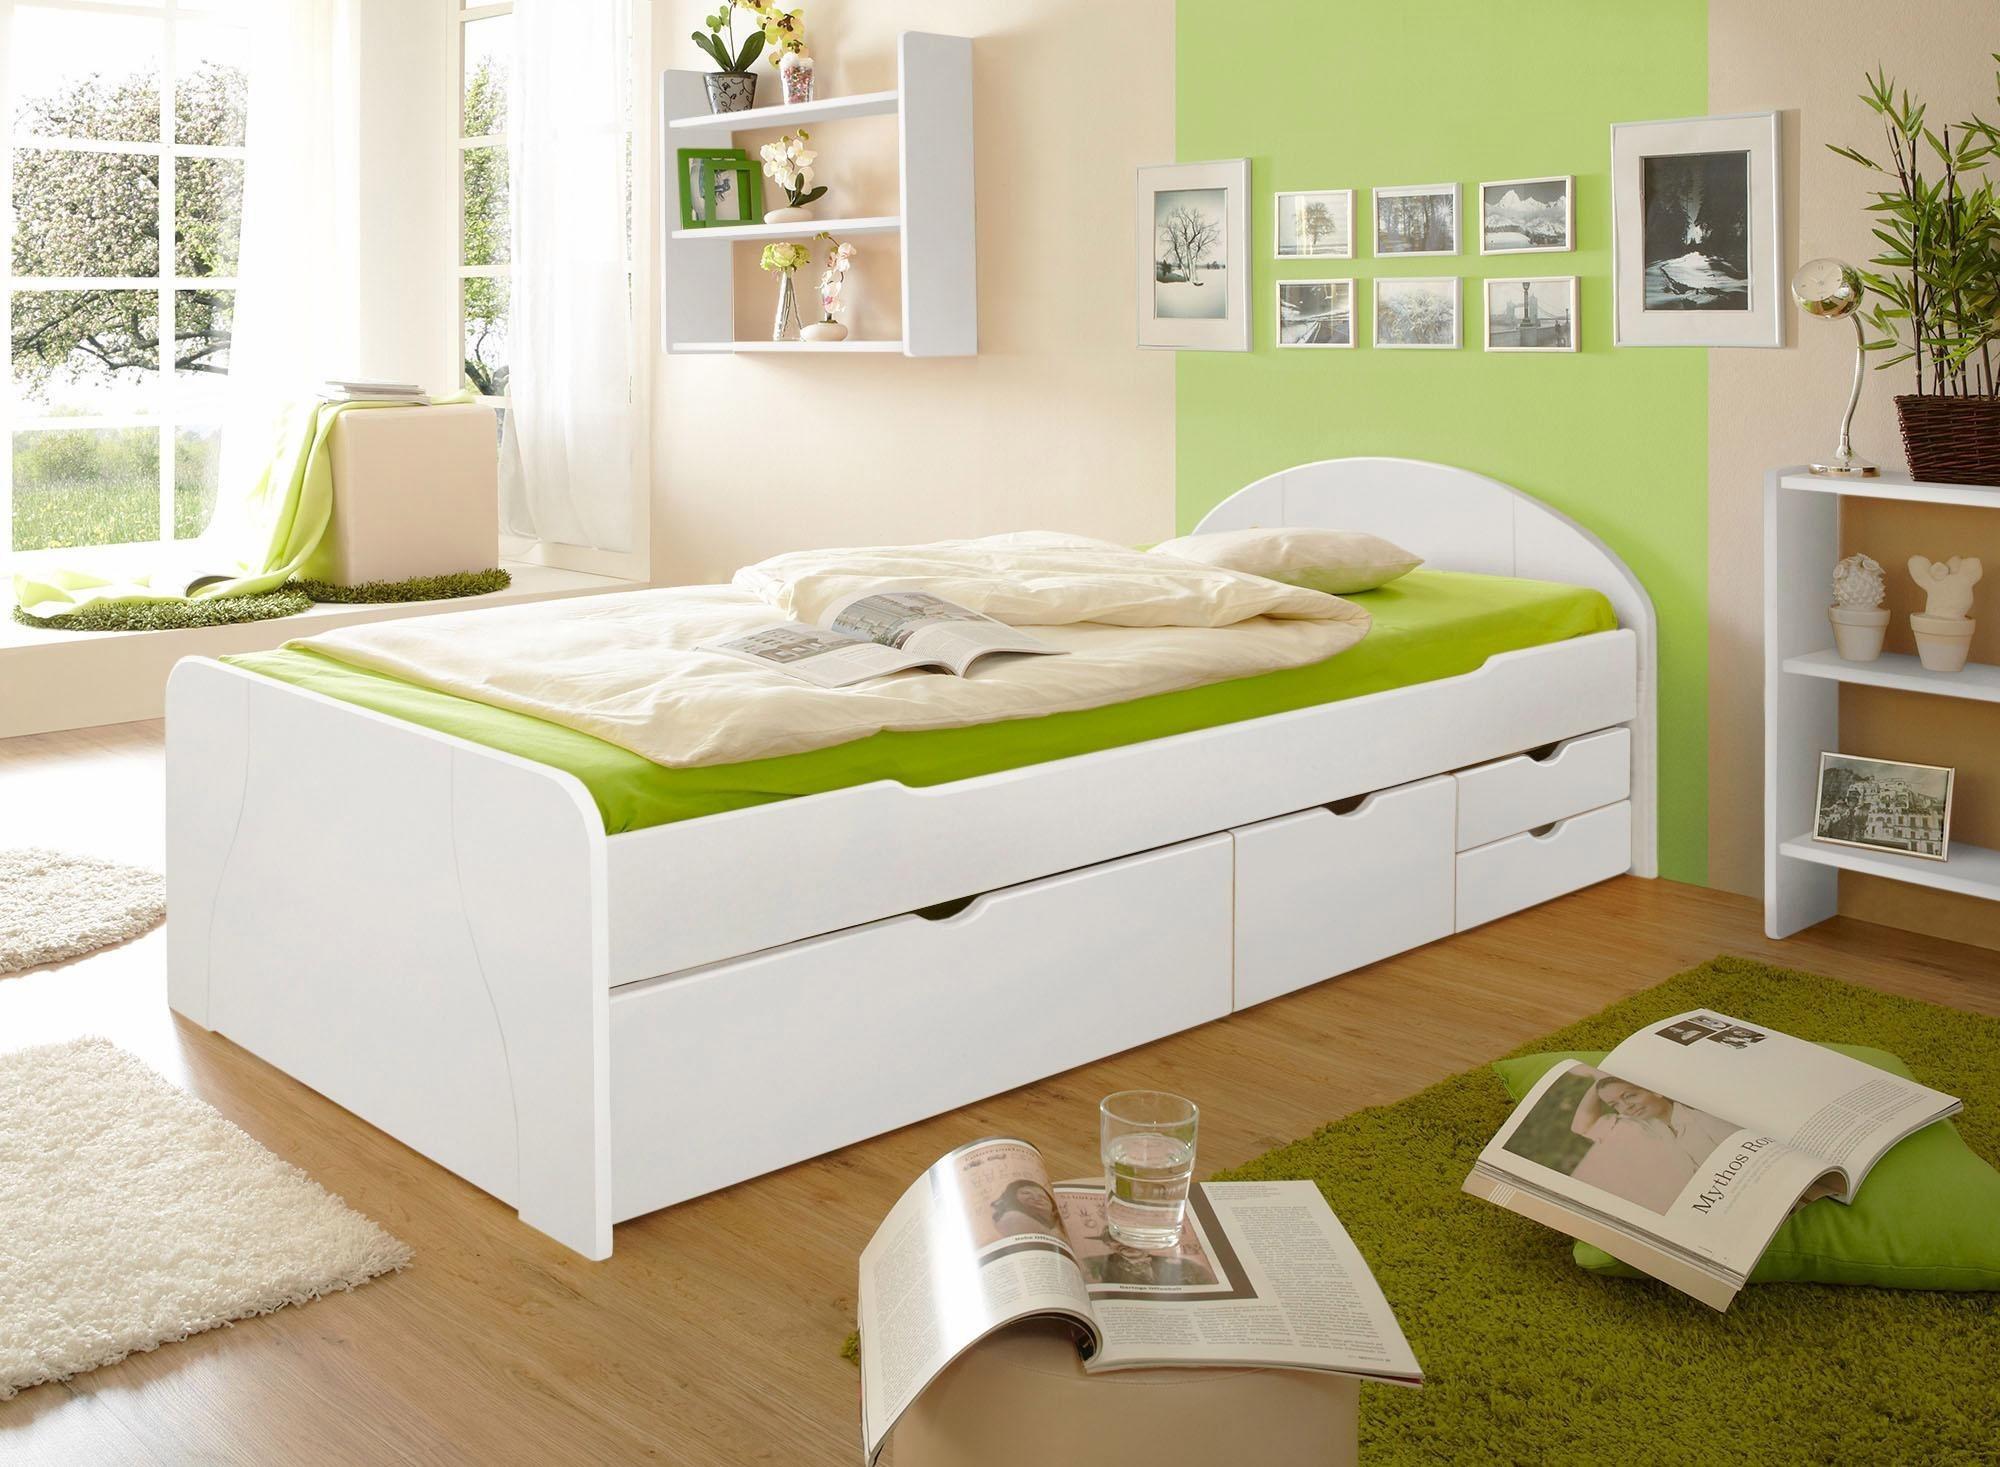 Kiefer Bett 90X200 Preisvergleich • Die besten Angebote online kaufen